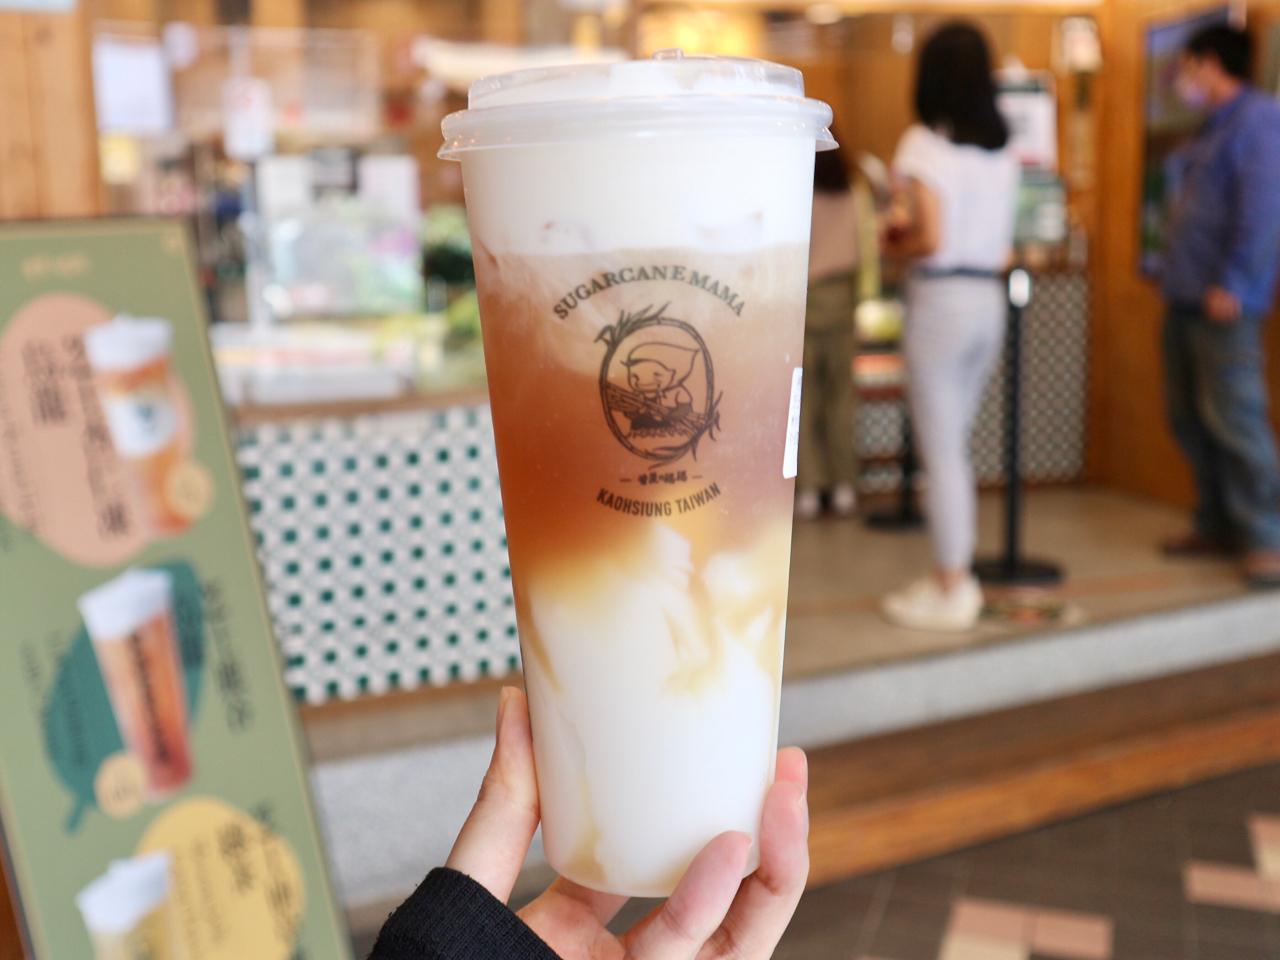 【台湾】「チーズ杏仁豆腐烏龍茶」がおすすめ!サトウキビドリンク店「甘蔗の媽媽」 画像5